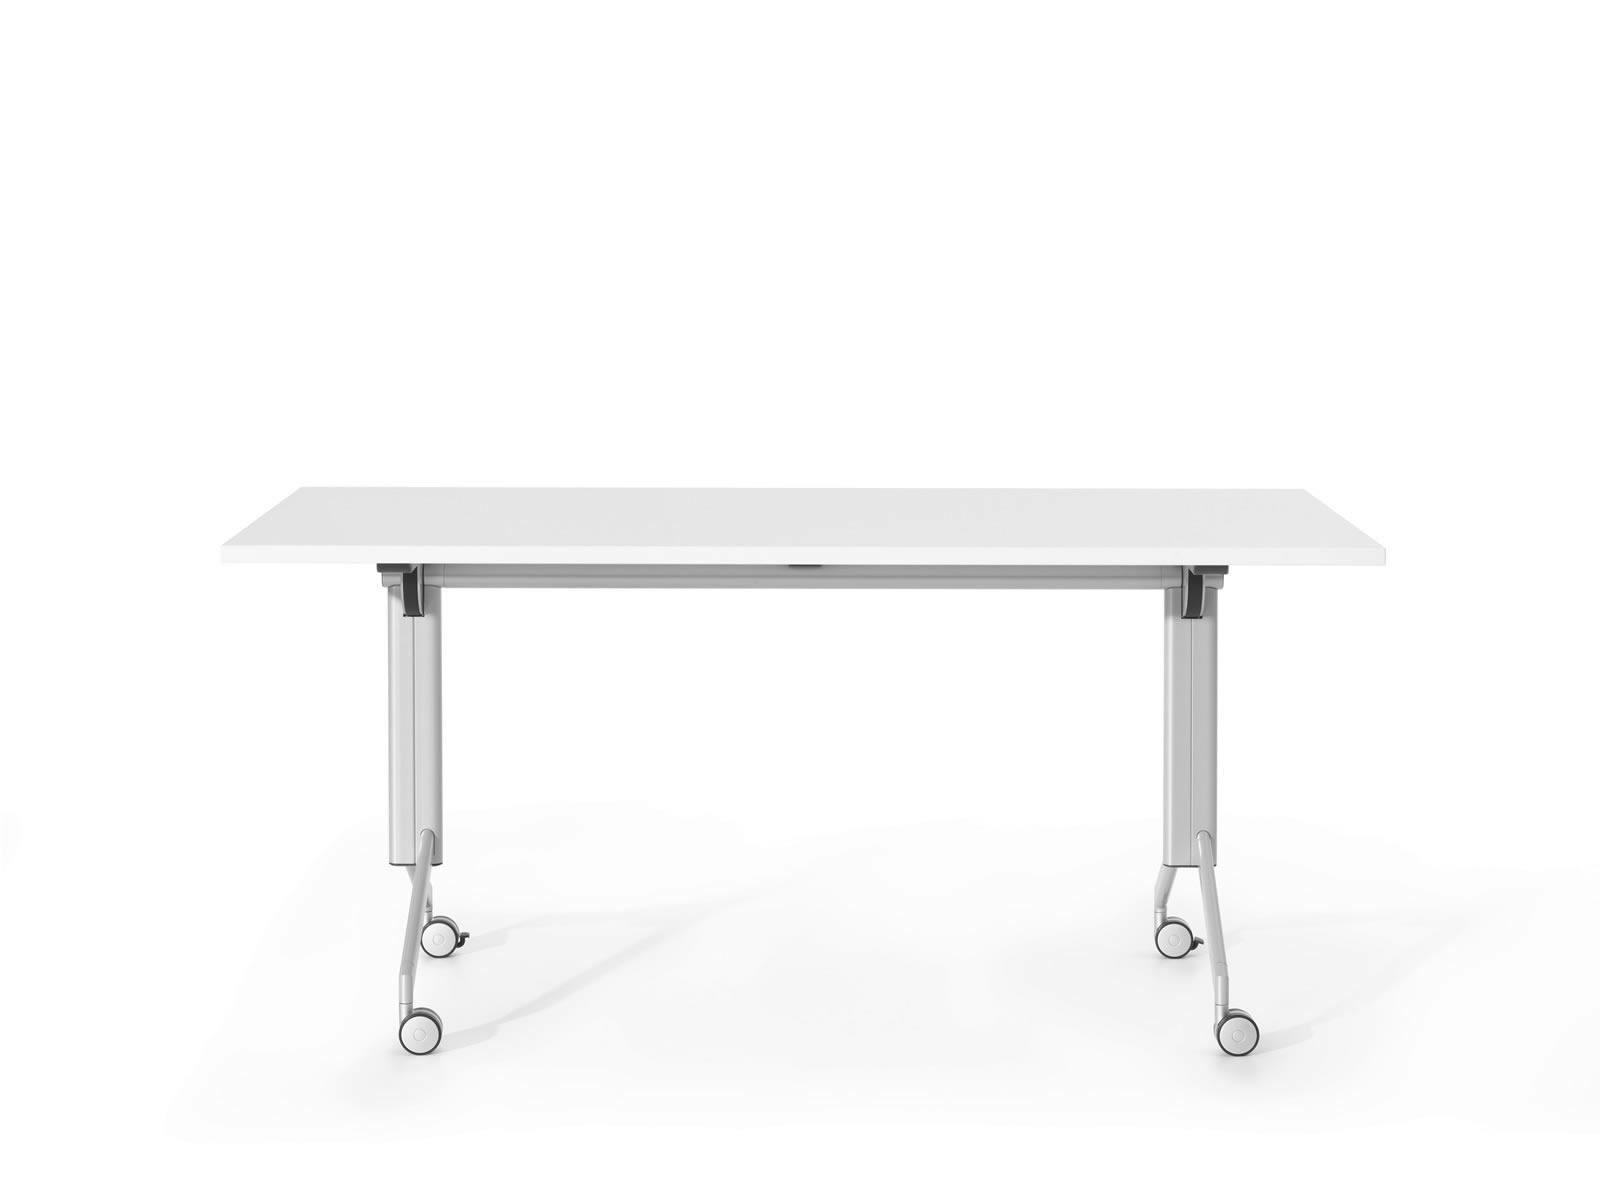 convenio klappbare konferenztische auf rollen. Black Bedroom Furniture Sets. Home Design Ideas